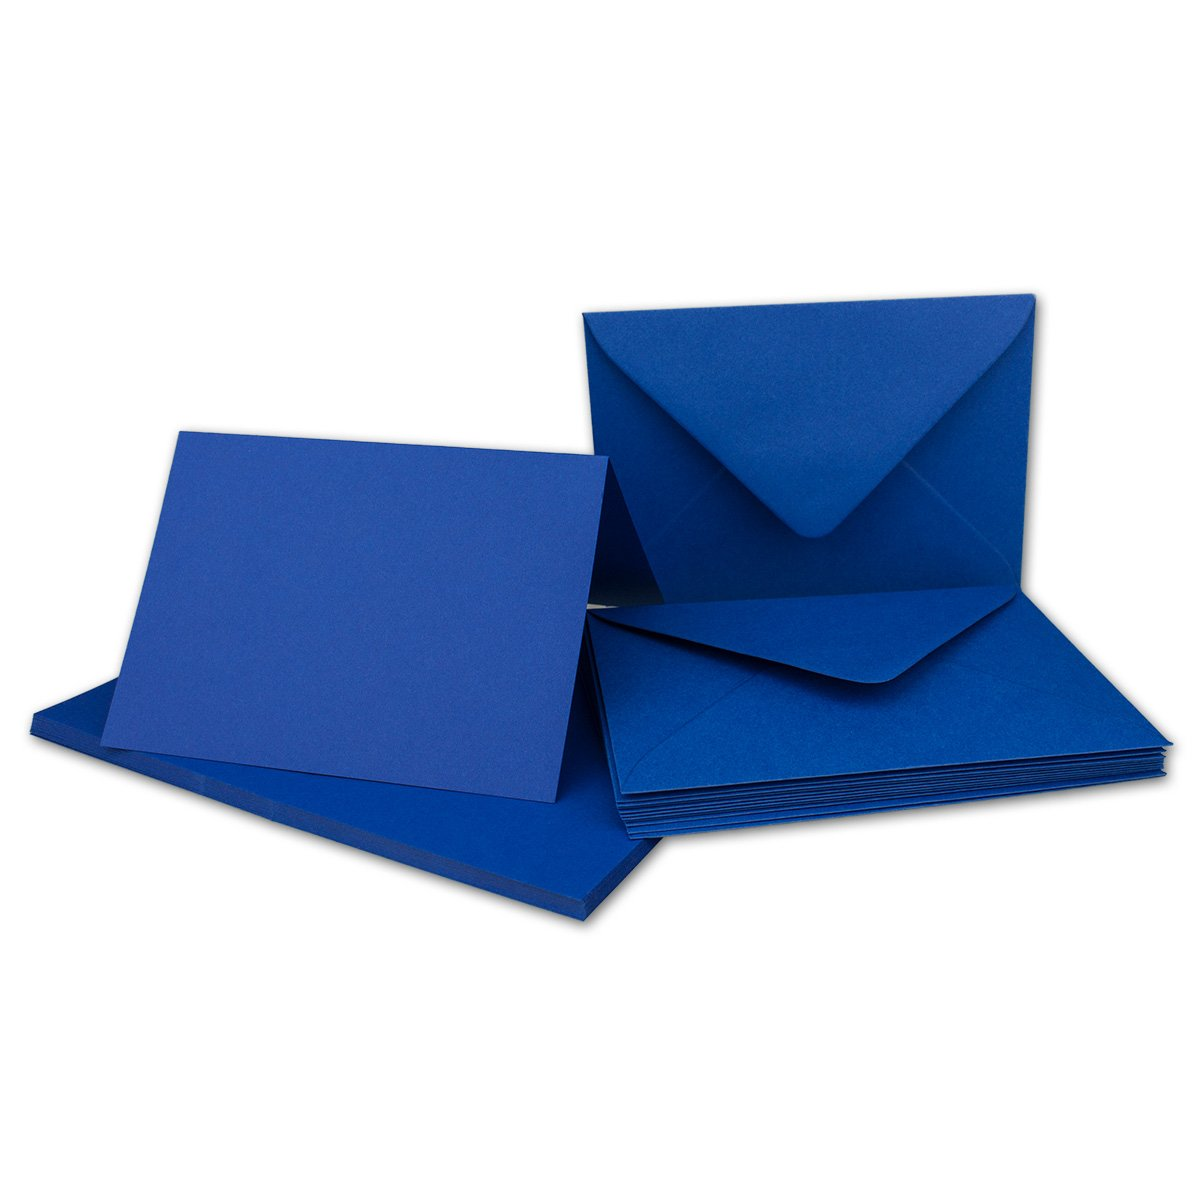 Faltkarten Set mit Brief-Umschlägen DIN A6   C6 in Rosanrot   100 Sets   14,8 x 10,5 cm   Premium Qualität   Serie FarbenFroh® B076TF1789 | Kostengünstig